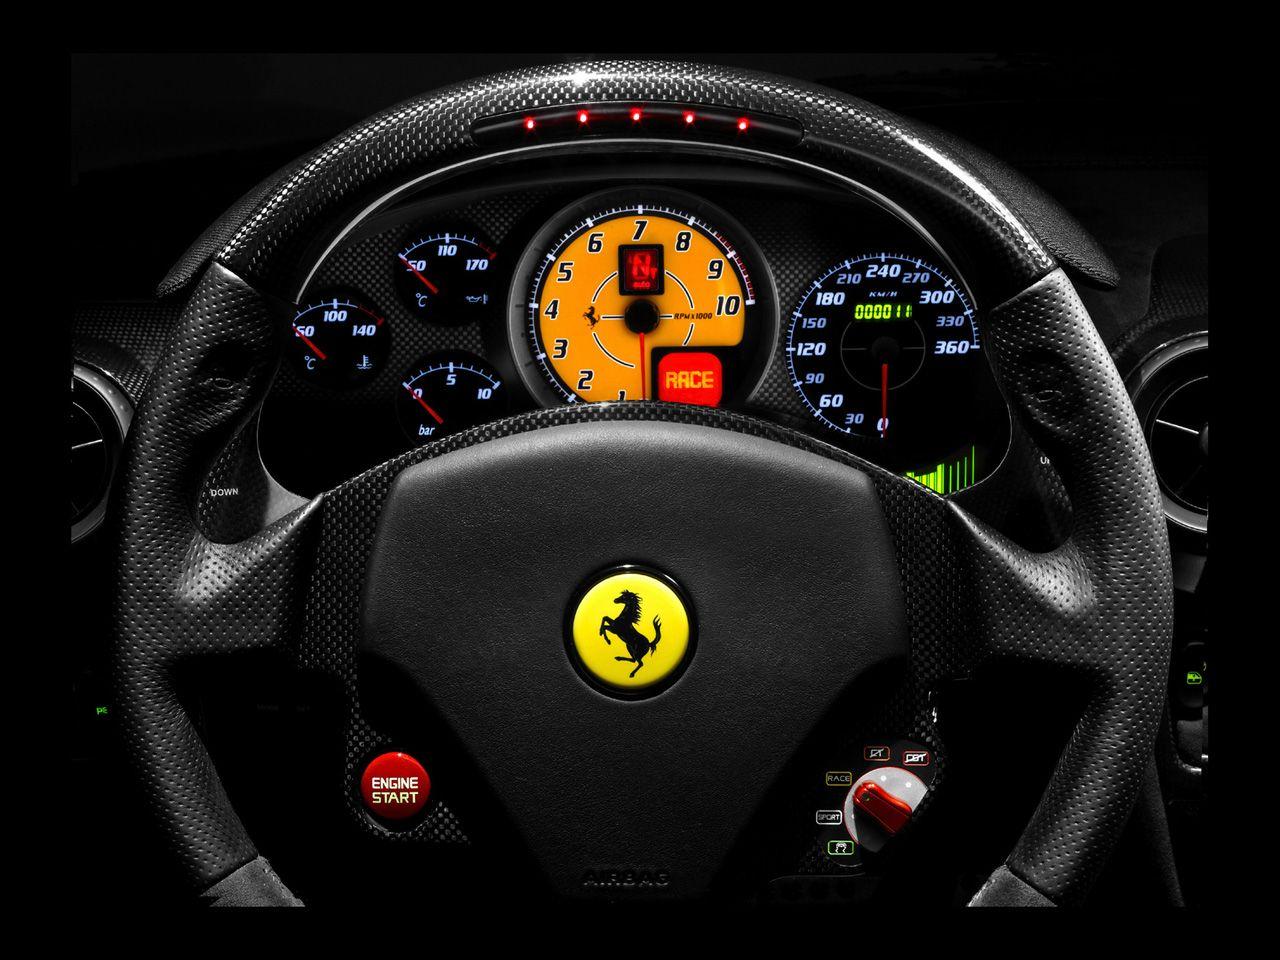 Ferrari 430 Scuderia Dashboard 05 Ferrari Car Ferrari F430 Ferrari